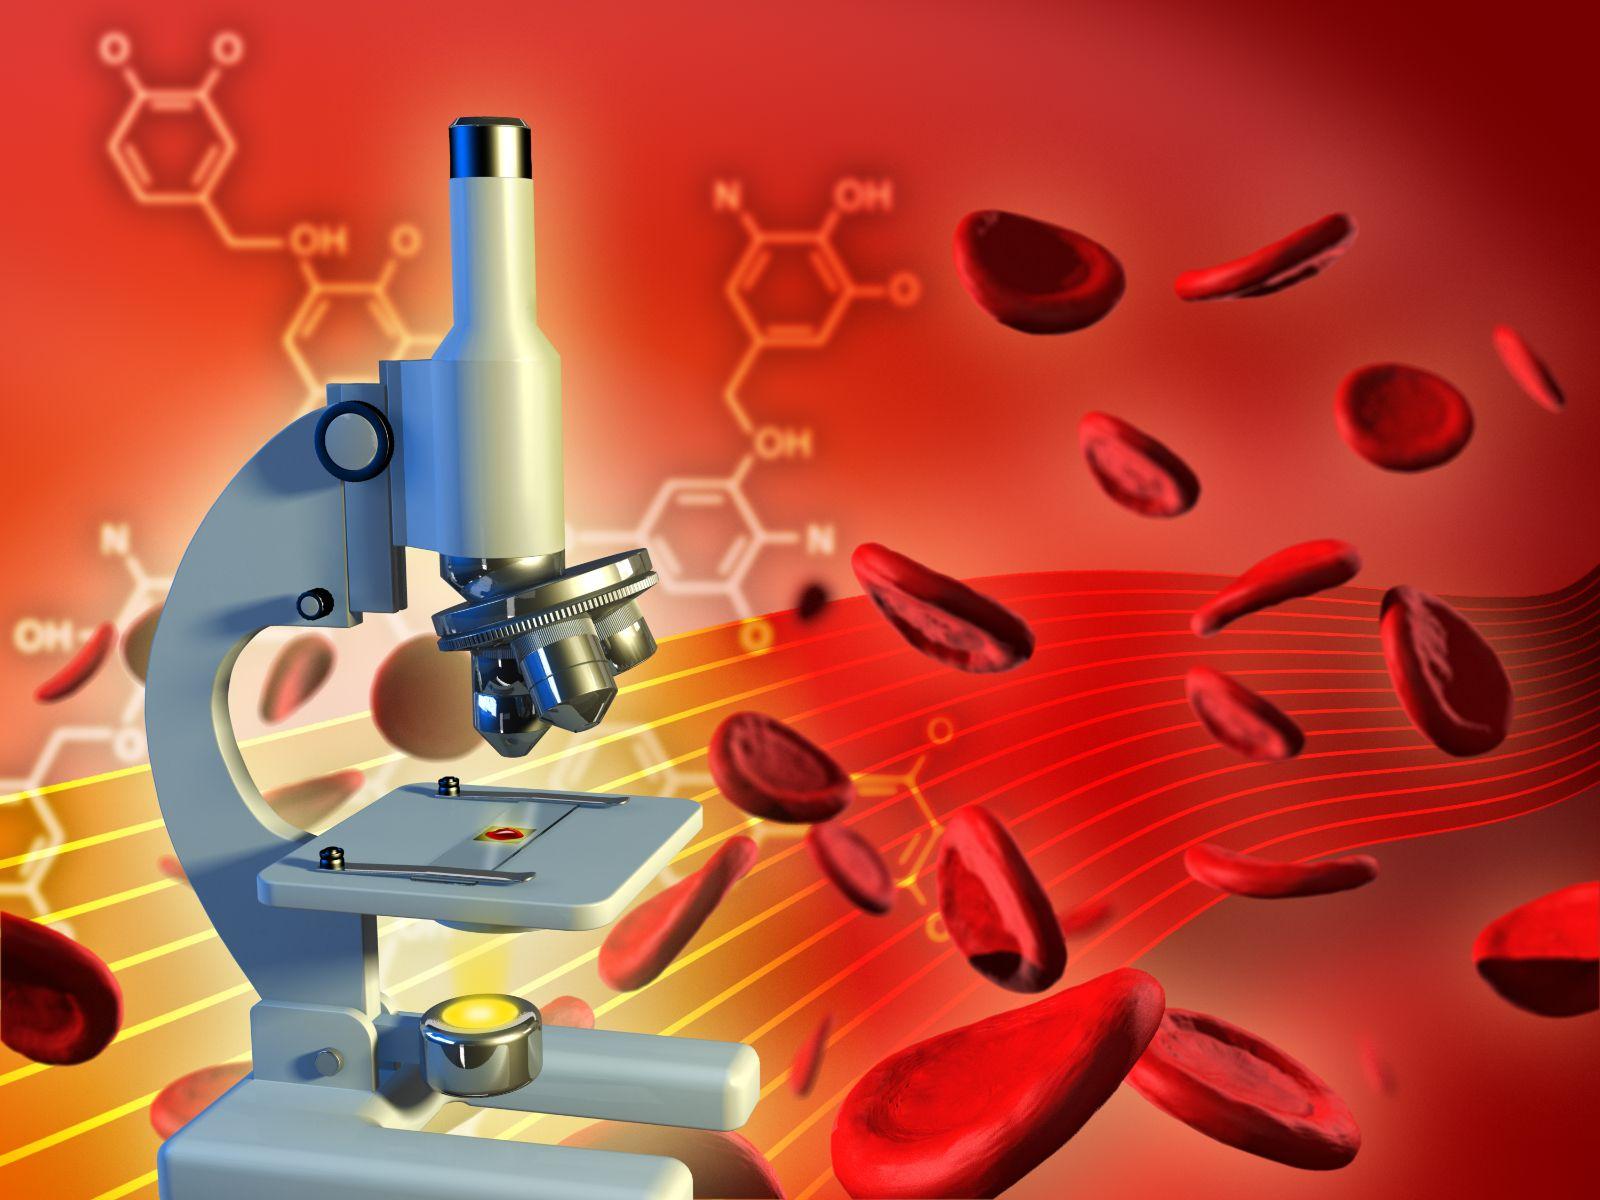 BLINATUMOMAB casi duplicó la mediana de supervivencia global en pacientes de alto riesgo con leucemia linfoblástica aguda de precursores de células B en comparación con el tratamiento de referencia de quimioterapia.